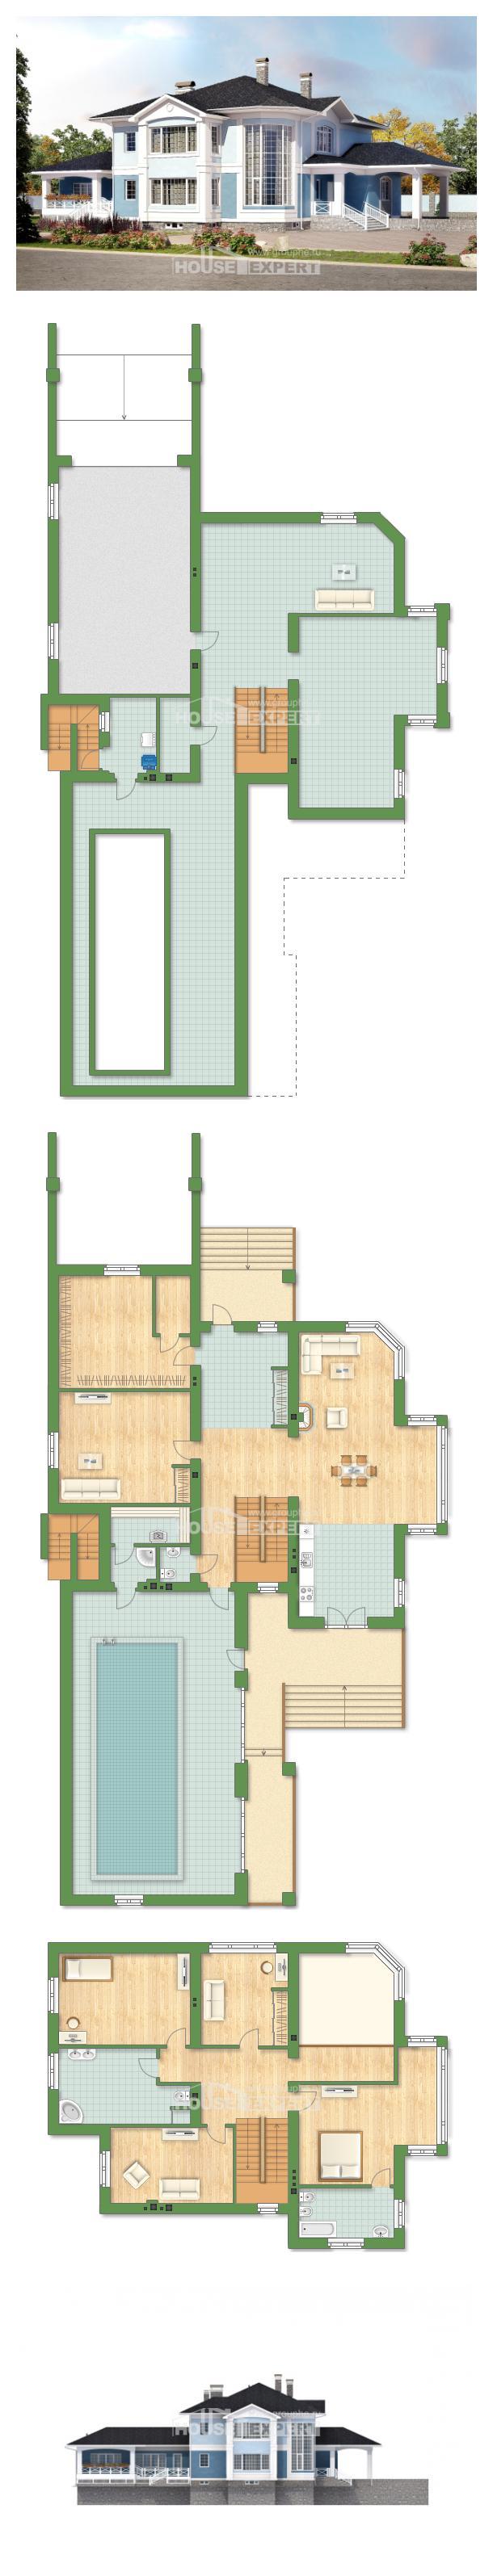 Plan 620-001-R | House Expert